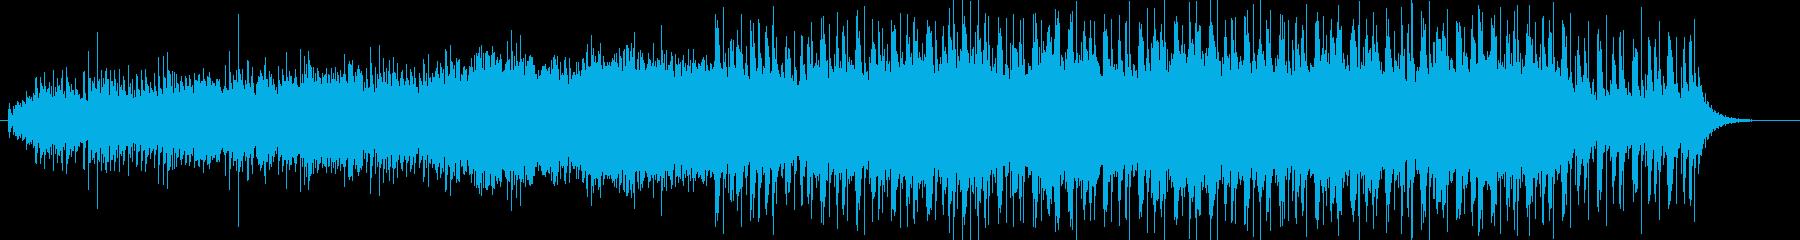 スタイリッシュでモダンな和風BGMの再生済みの波形